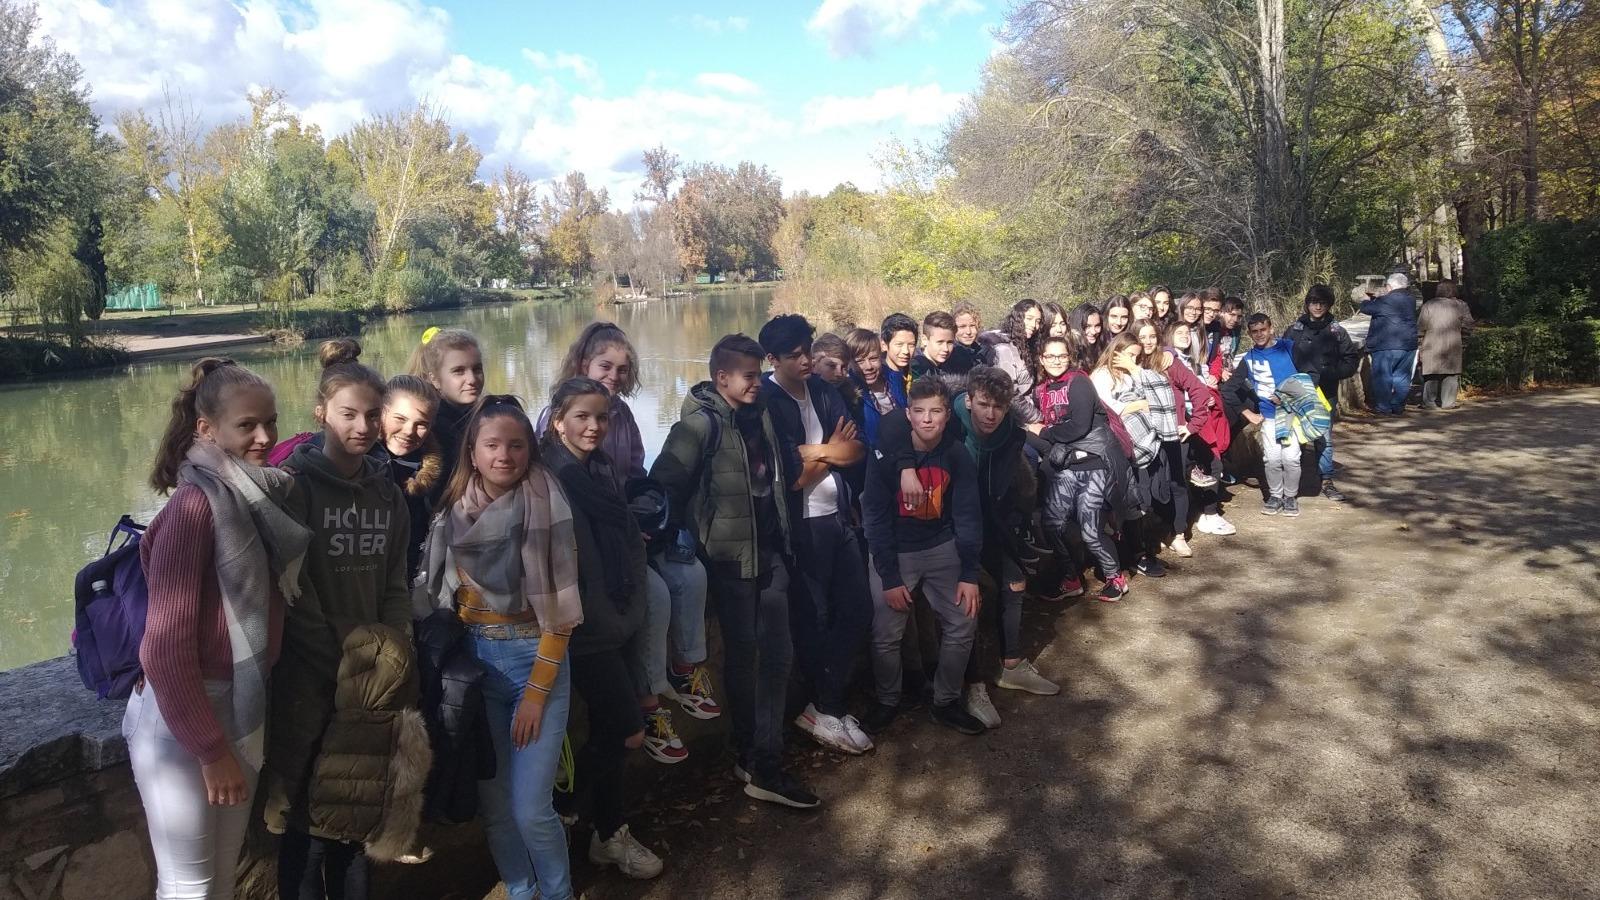 Gran visita de nuestros alumnos alemanes: ¡Gute reise zurück!